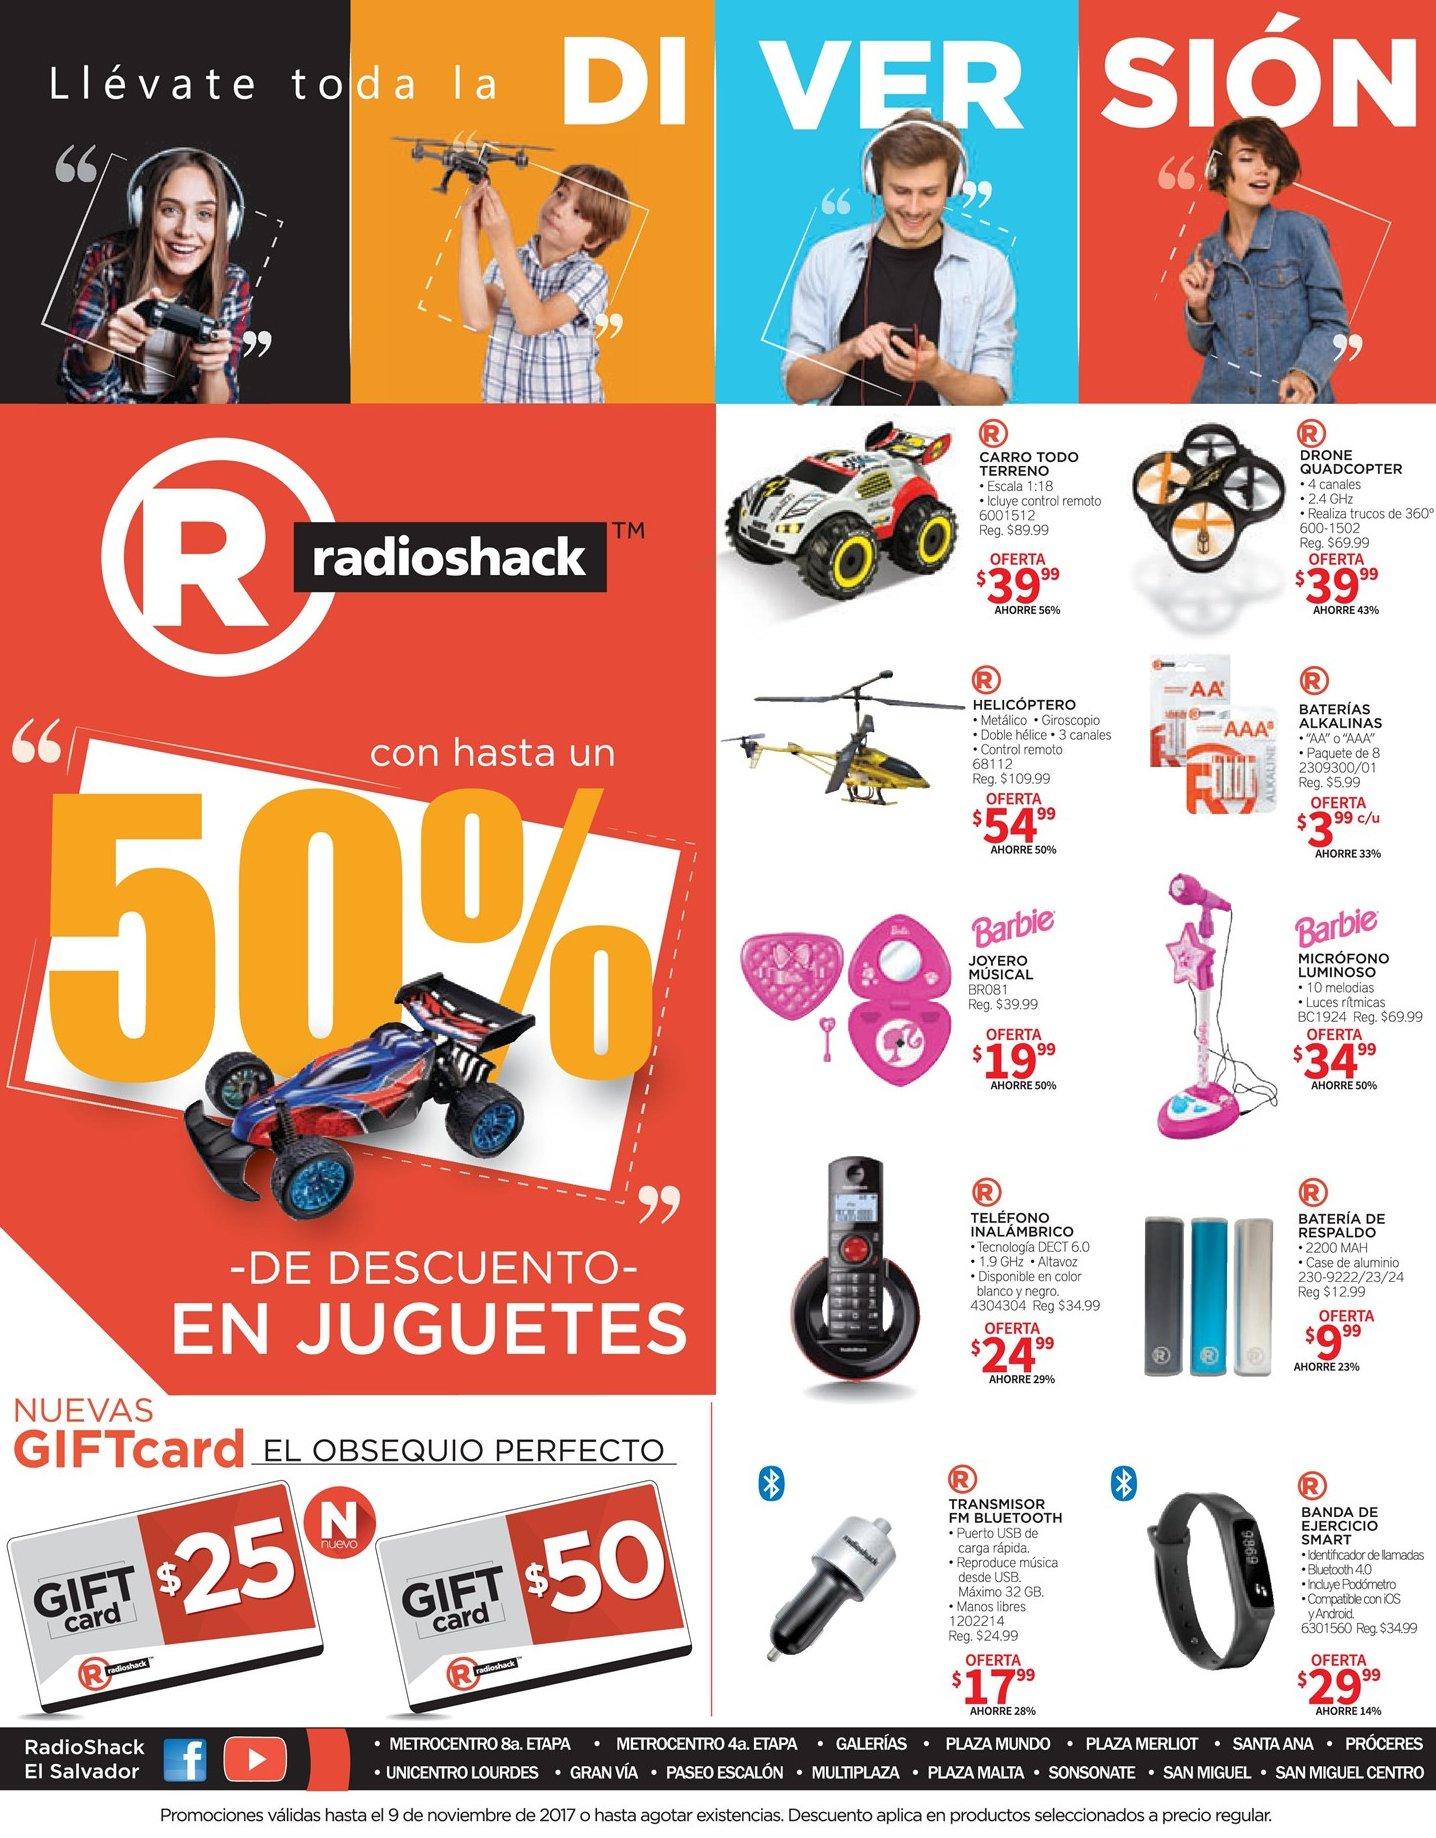 Radio Shack juguetes y diversion con 50 ff